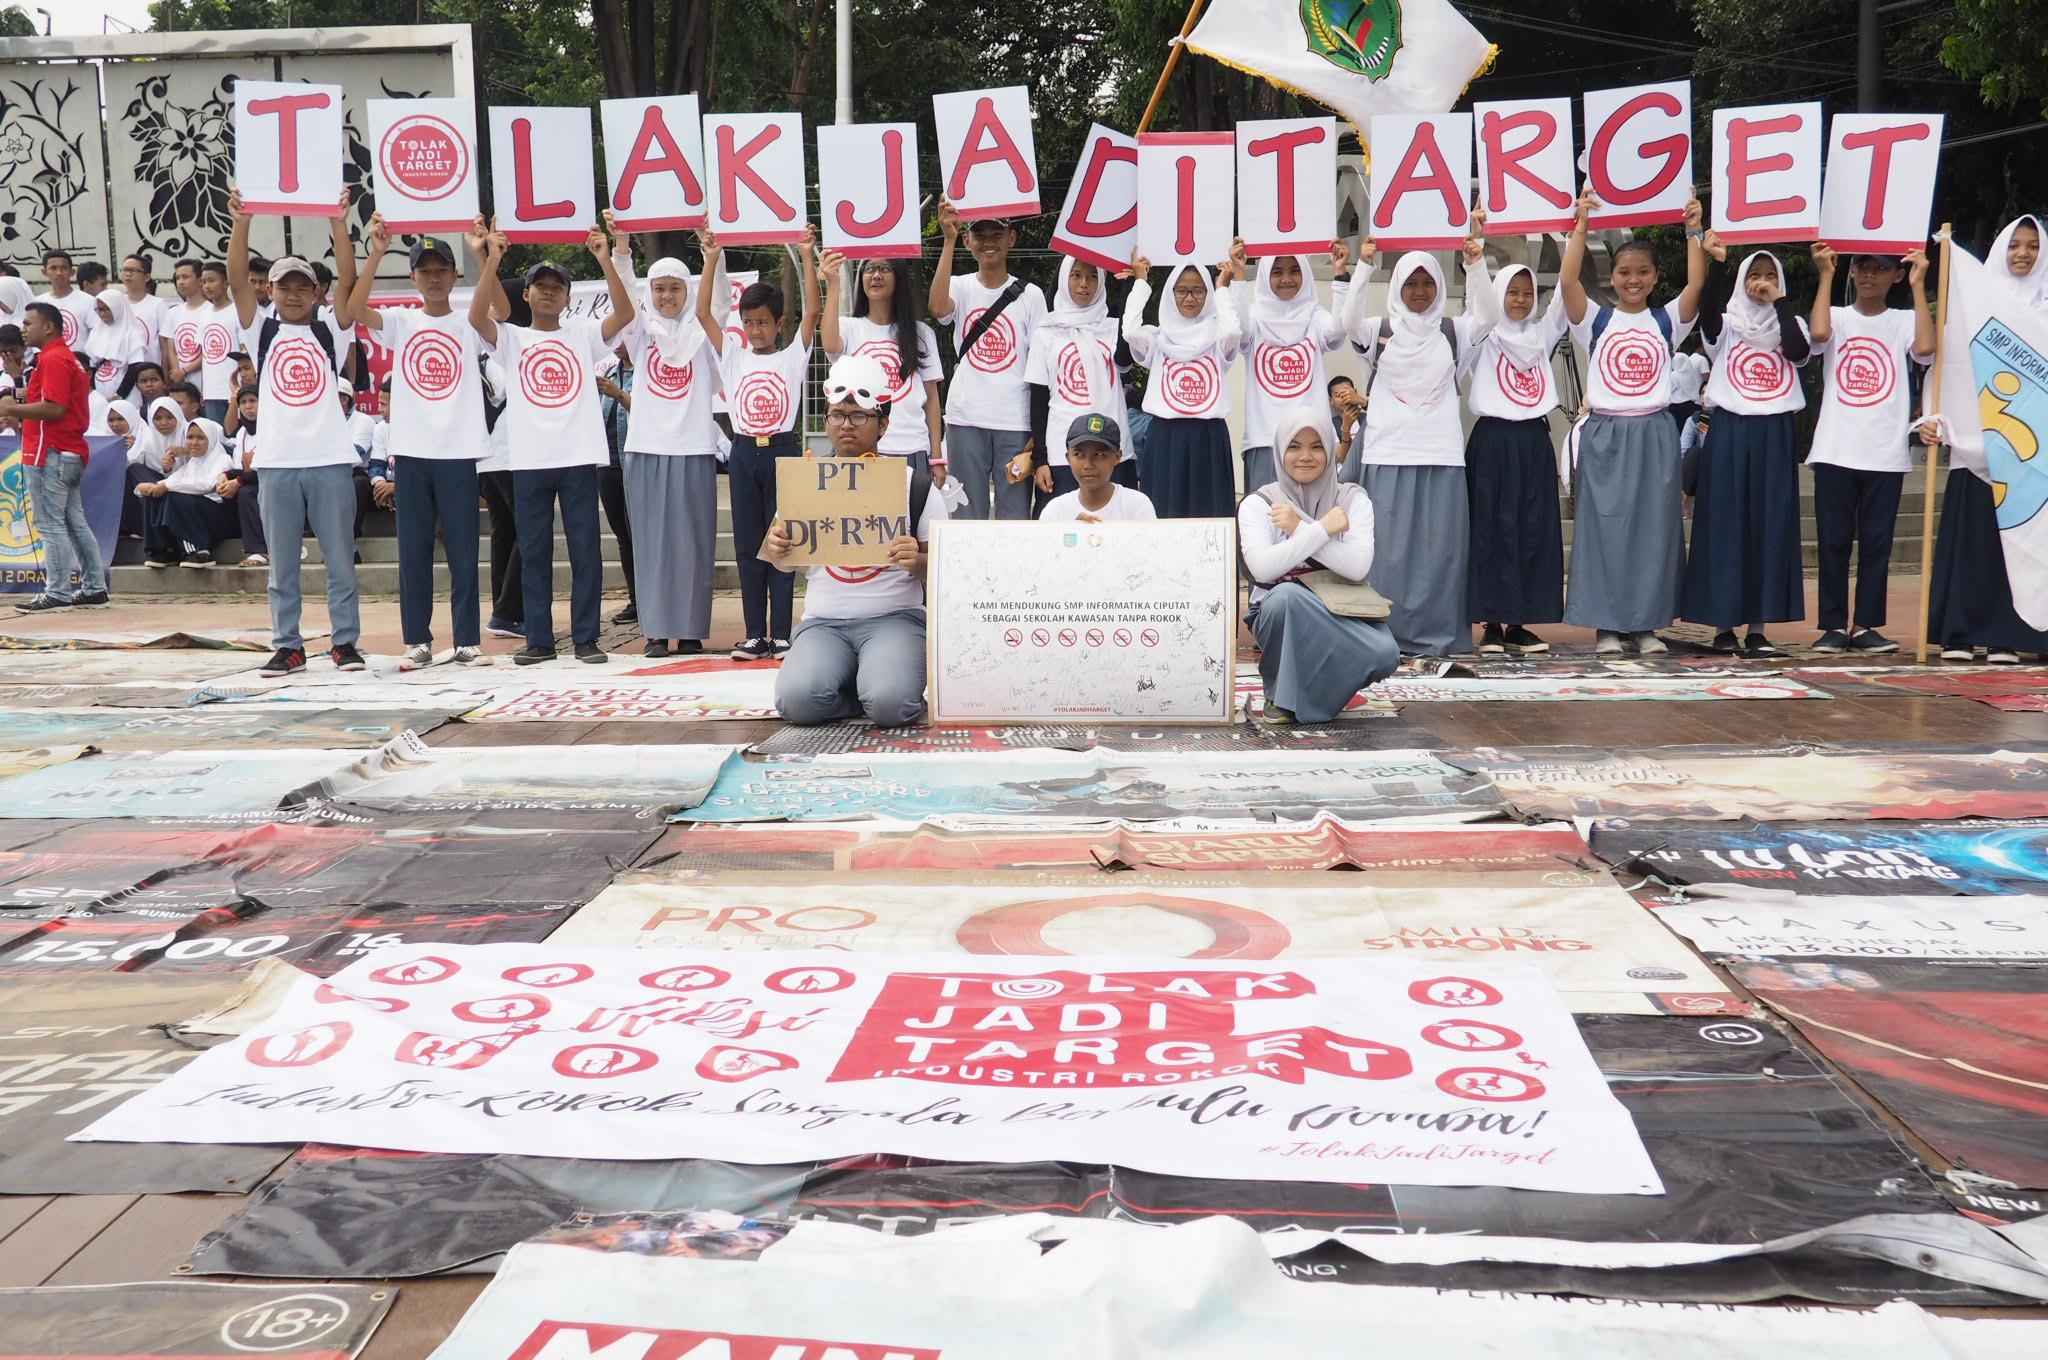 Pelajar Bekasi Gelar Aksi #TolakJadiTarget, Protes Iklan Rokok di Sekolah